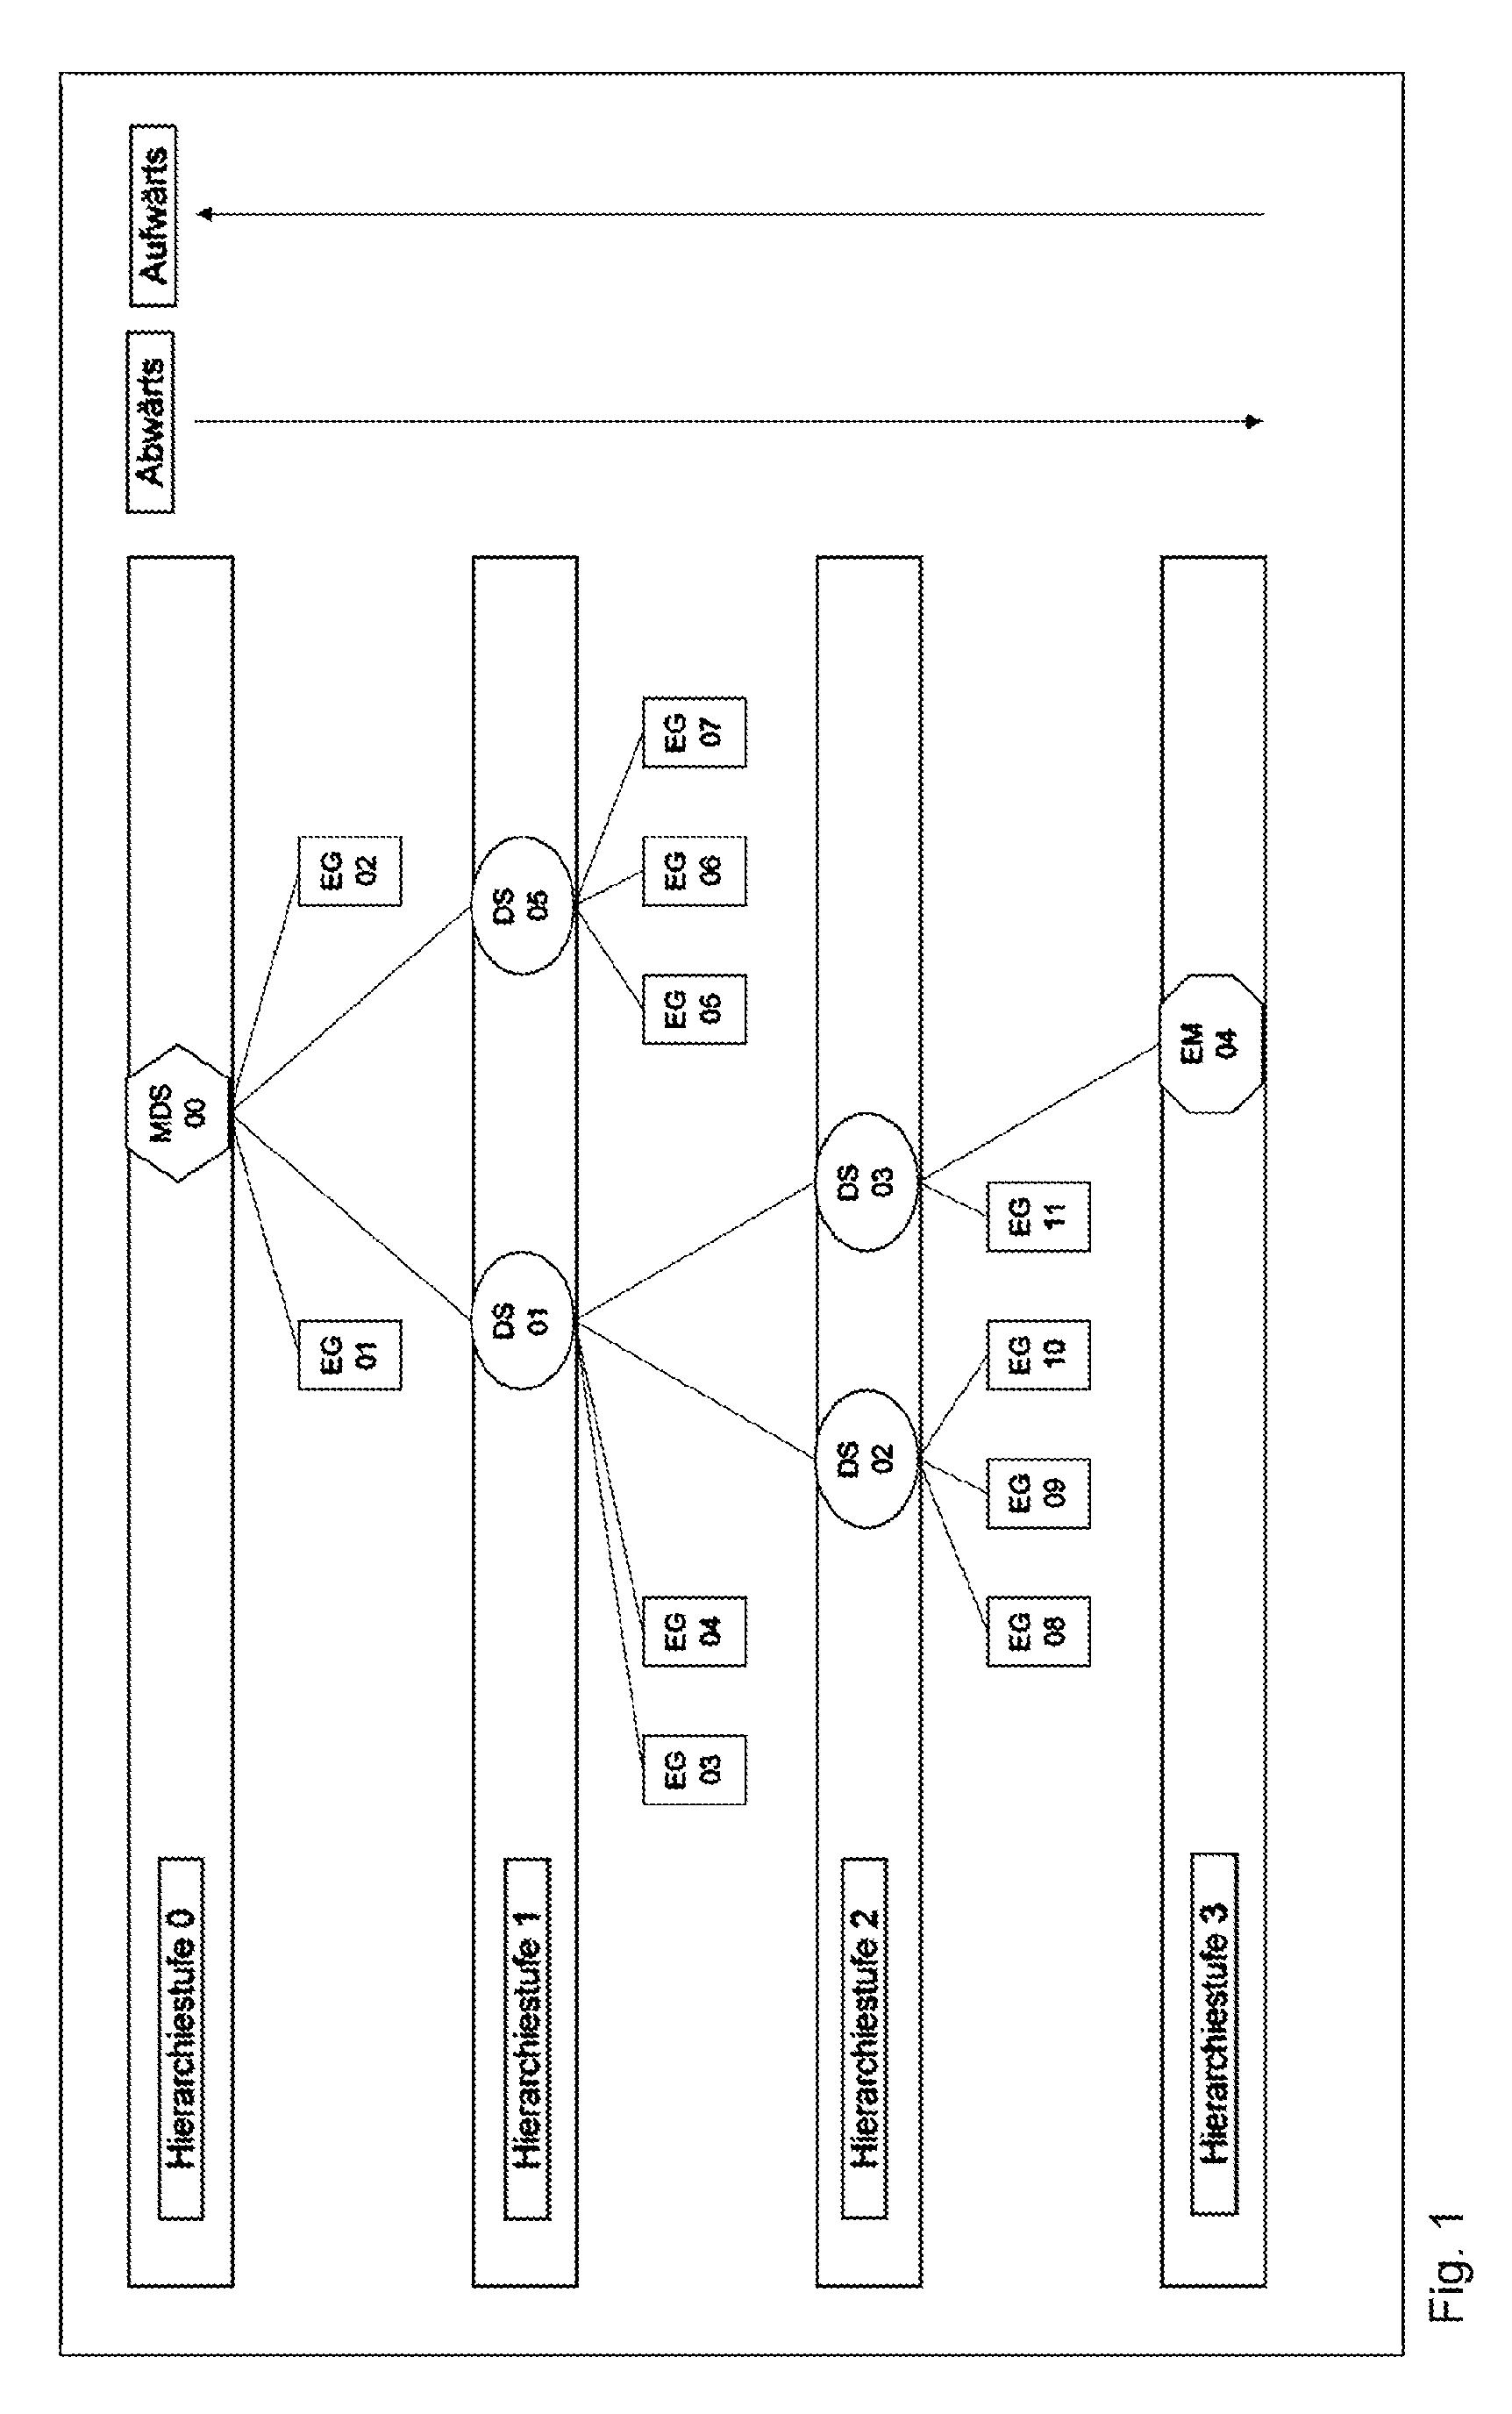 Niedlich 84 übersetzung Diagramm Bildinspirationen Galerie - Der ...